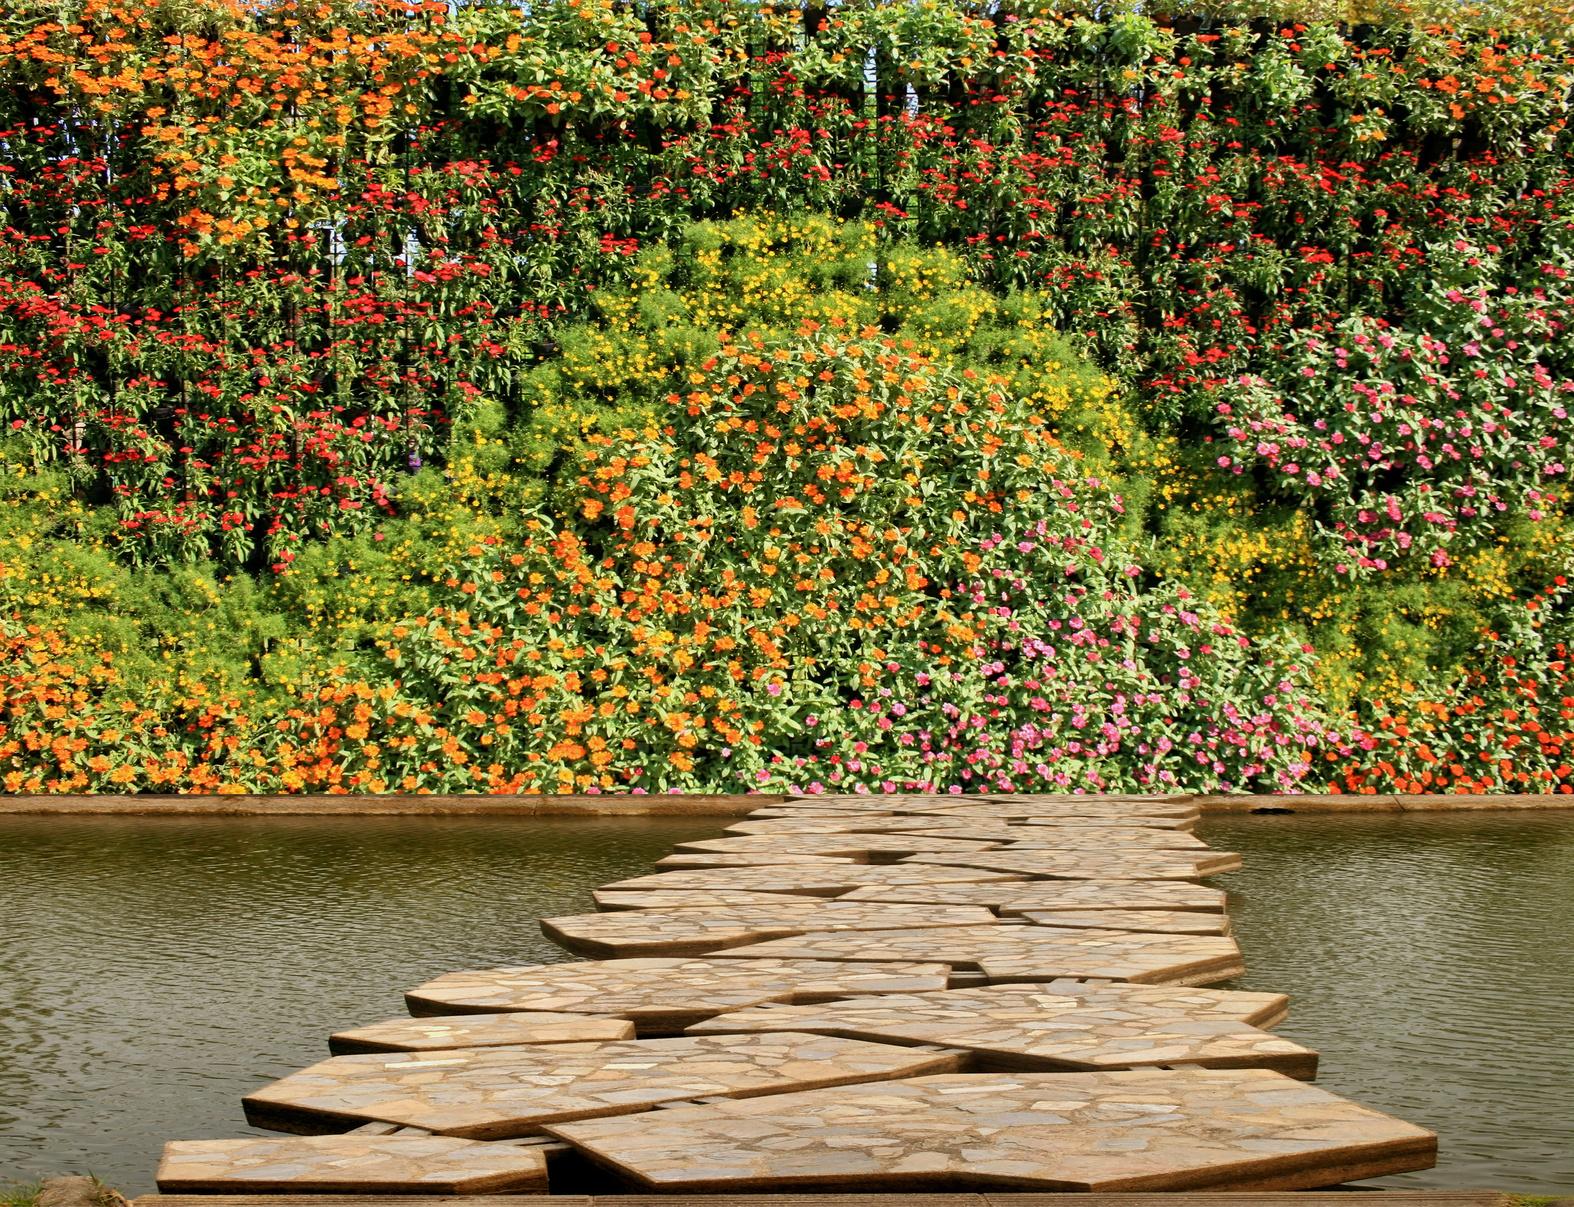 Exceptional Plantes Pour Mur Vegetal Exterieur #3: Mur-végétal-extérieur.jpg